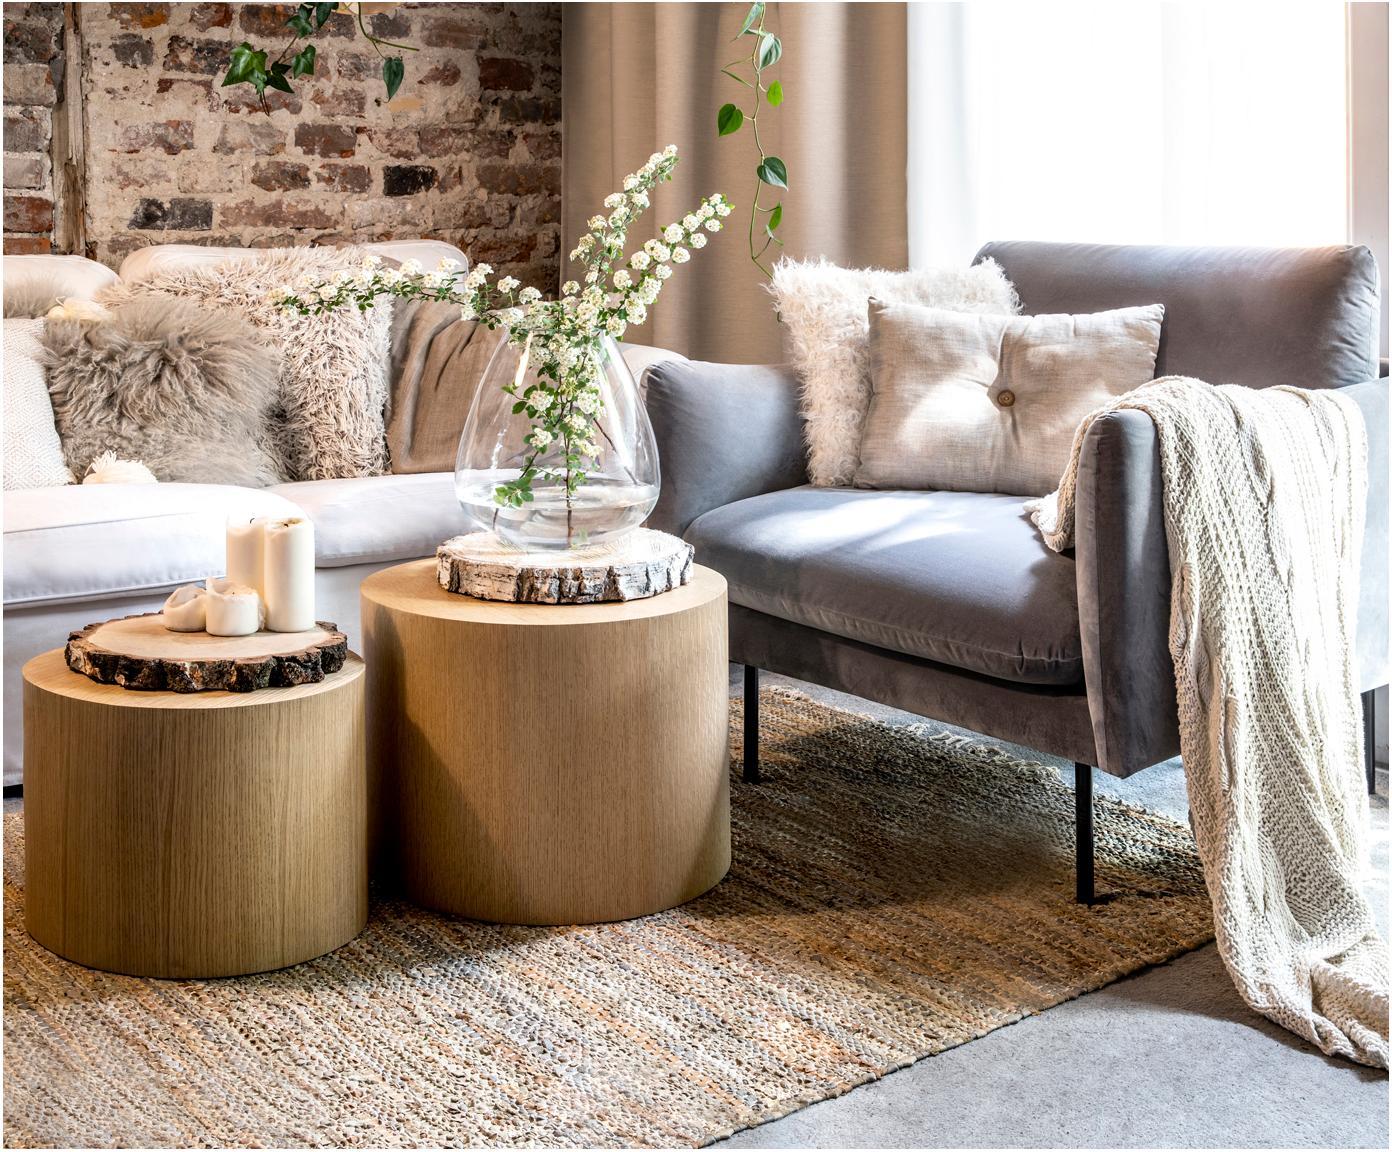 Tisch-Set Dan aus Holz, Mitteldichte Holzfaserplatte (MDF) mit Eichenholzfurnier, Hellbraun, Verschiedene Grössen